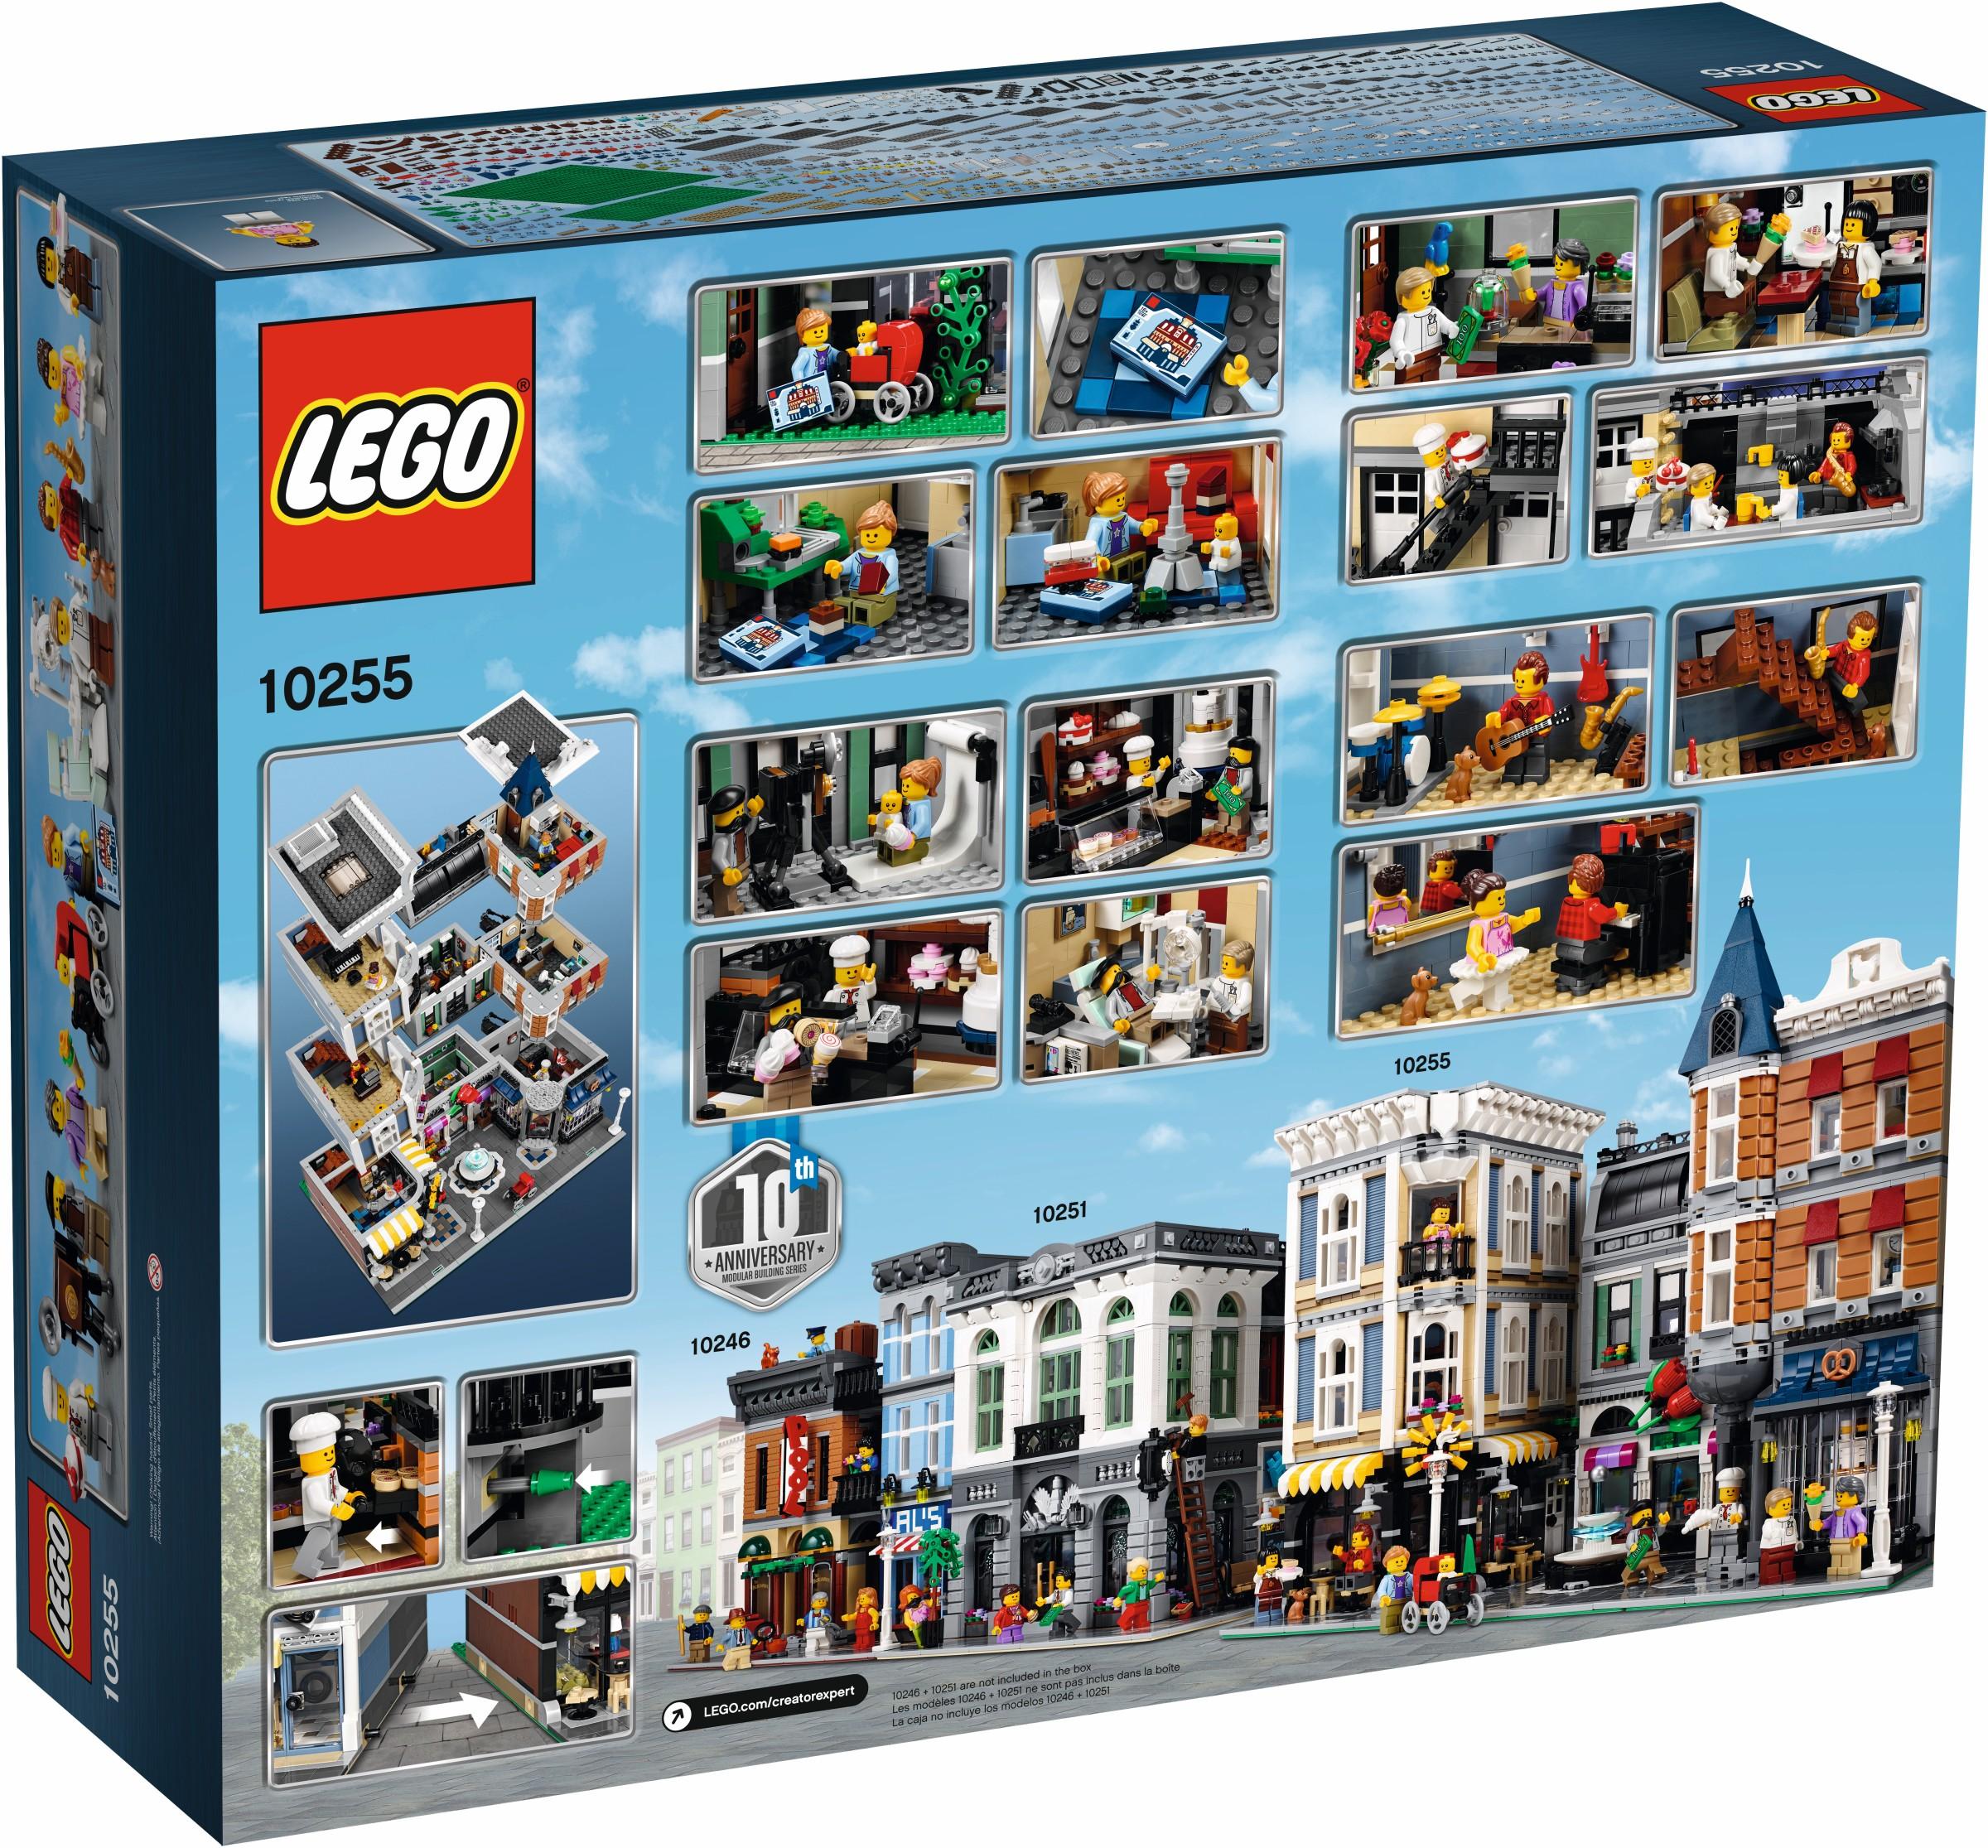 http://images.brickset.com/sets/AdditionalImages/10255-1/10255_Box5_v39.jpg